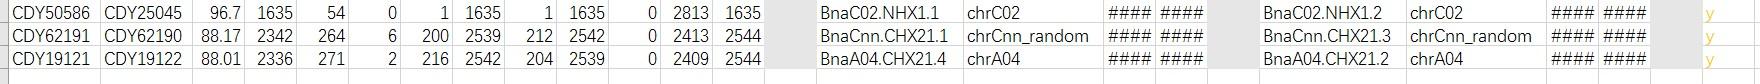 attachments-2020-03-mn1eHGwg5e7d8917cf15b.jpg